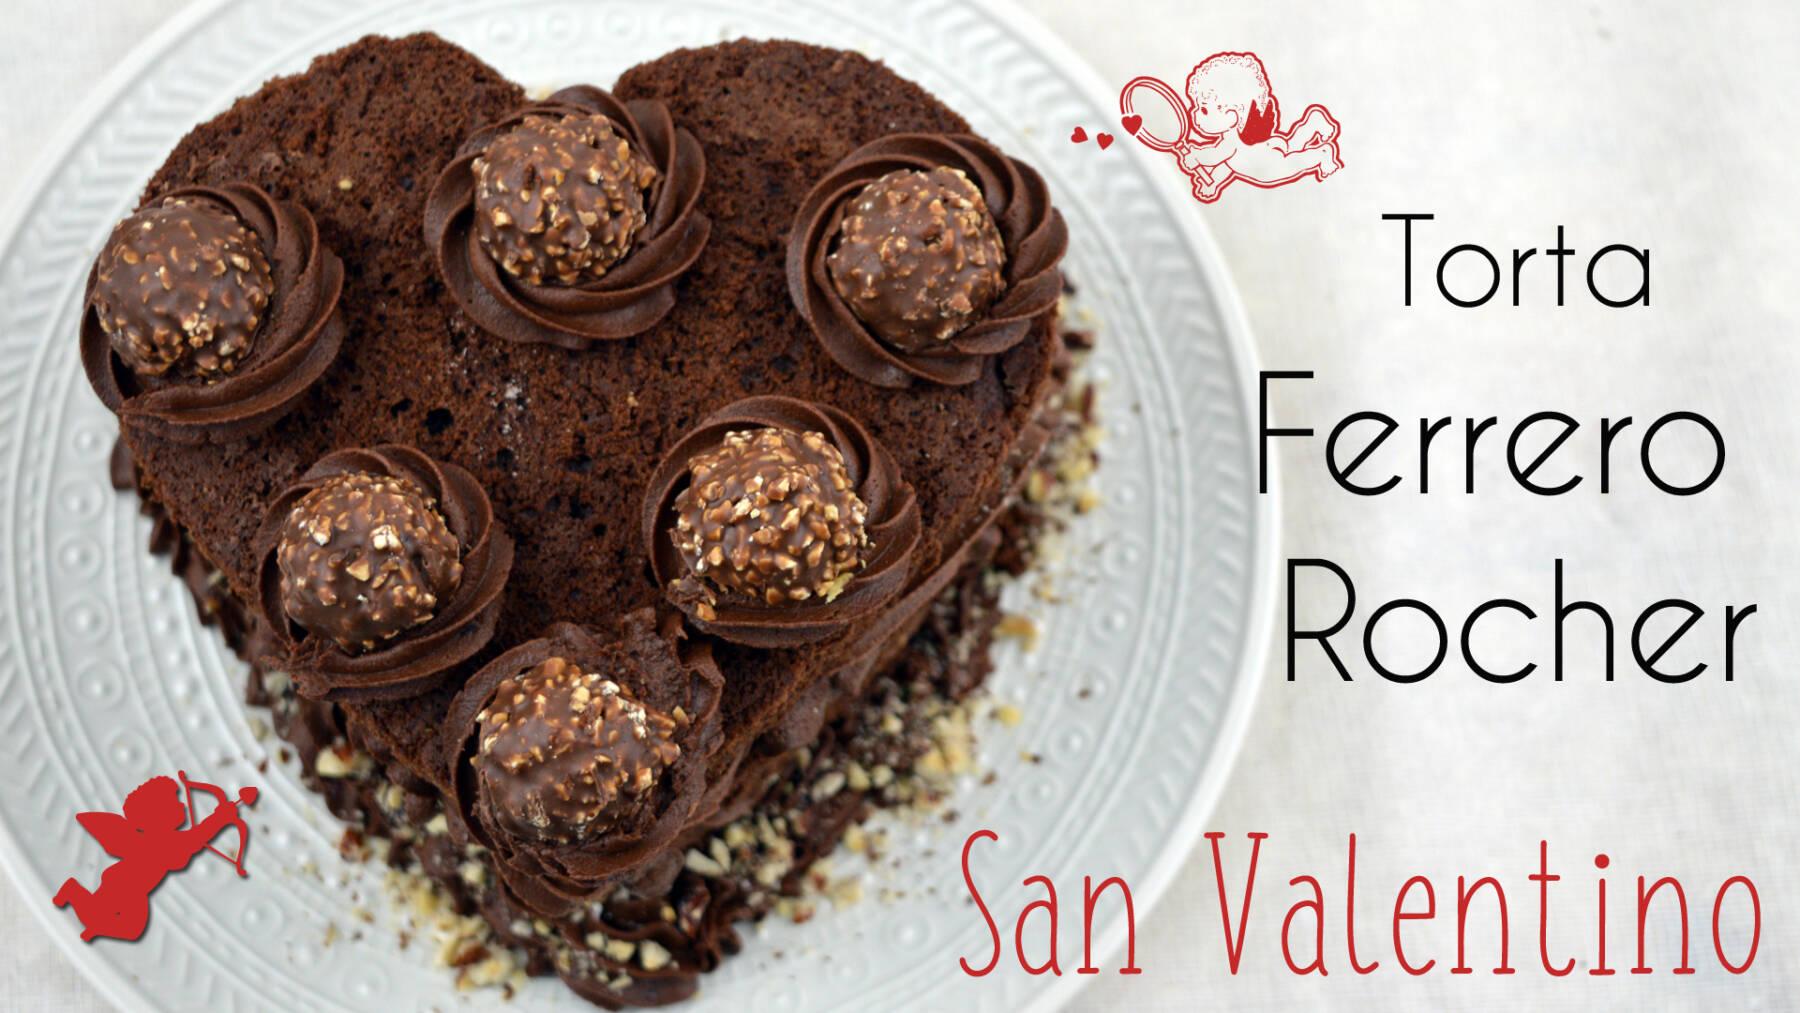 Torta, cake, ferrero rocher, nutella, chocolate, cioccolato, madeira, Madeira al cioccolato, chocolate Madeira, hazelnuts, noccioline, san valentino, valentine's day, sorpresa, ricetta, recipe, video,